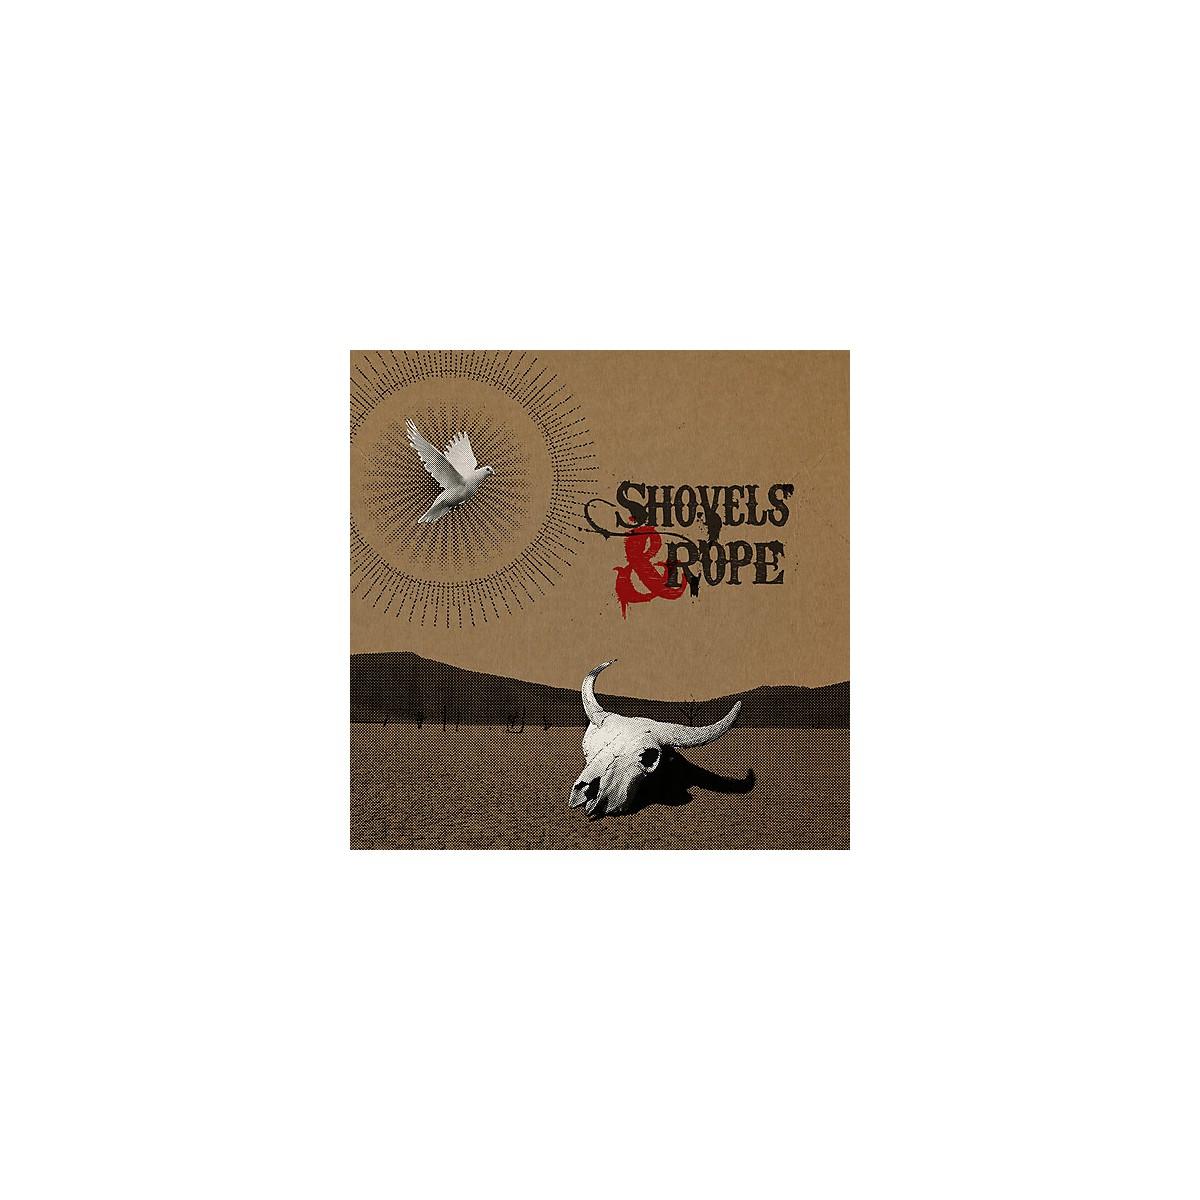 Alliance Shovels & Rope - Shovels & Rope